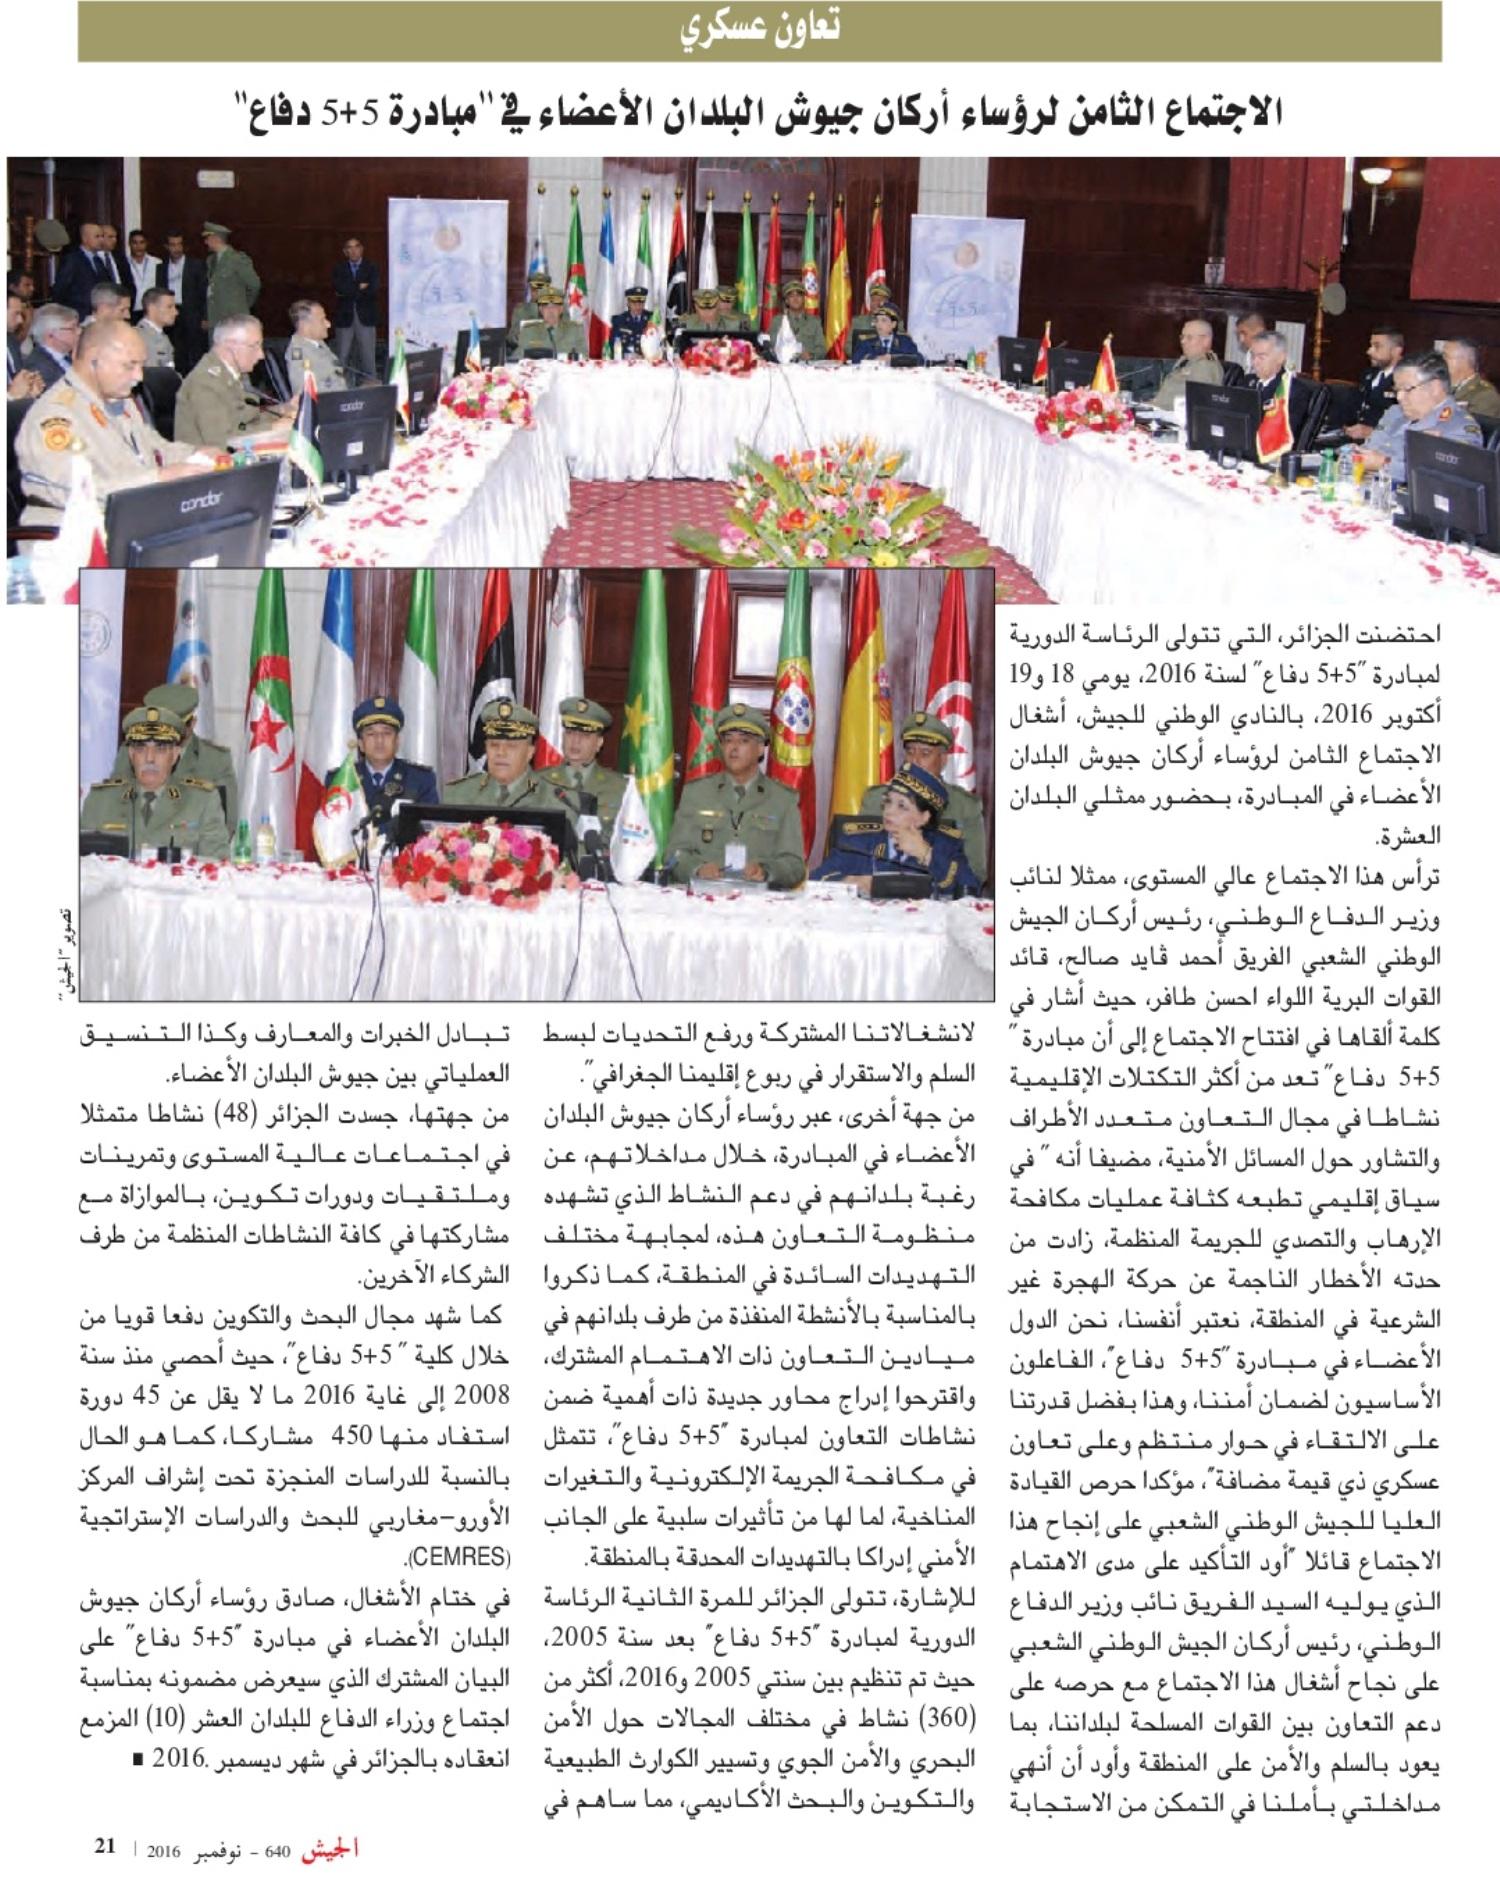 الجزائر : صلاحيات نائب وزير الدفاع الوطني - صفحة 6 30744551650_895e0a4b35_o